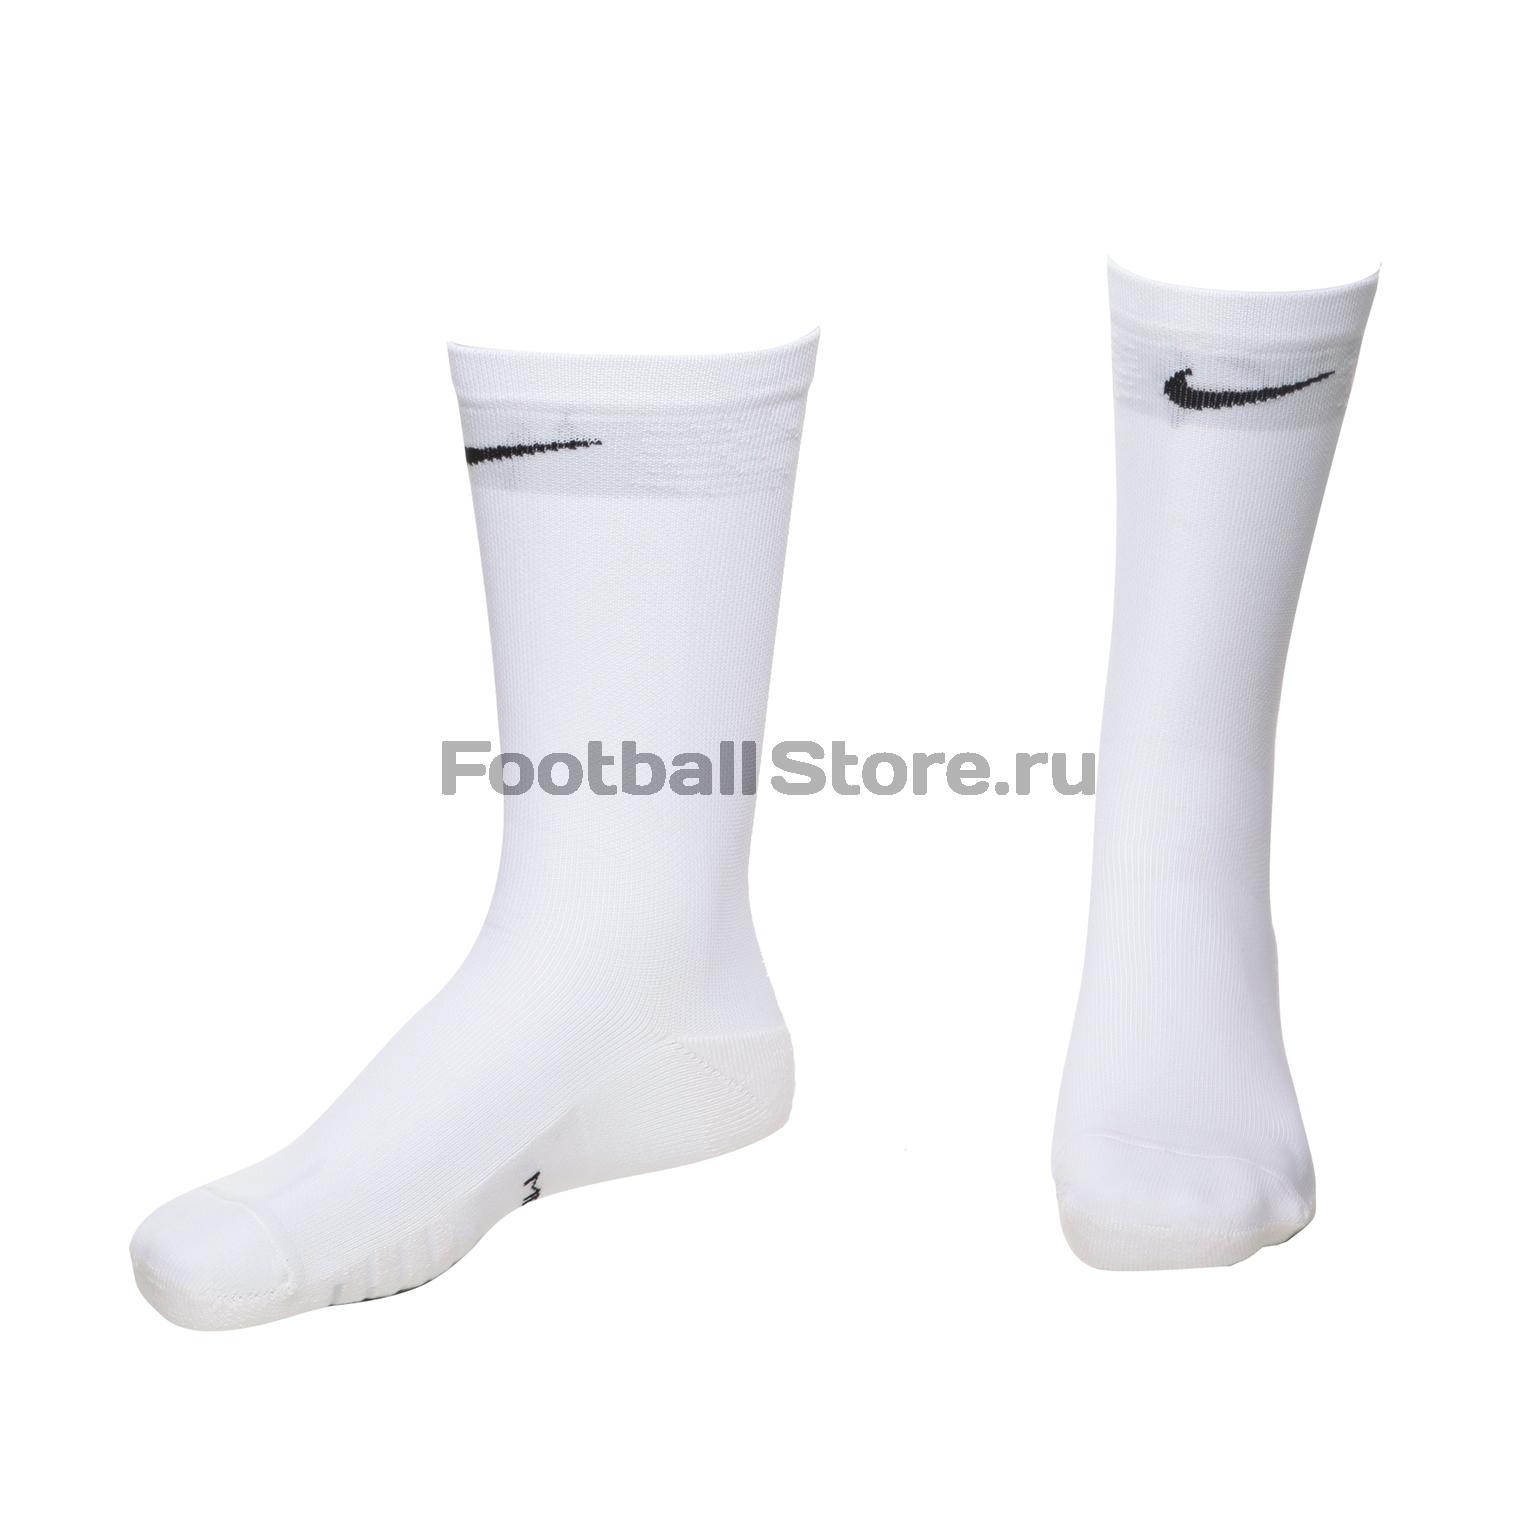 Носки Nike Squad Crew SX6831-100 цена и фото